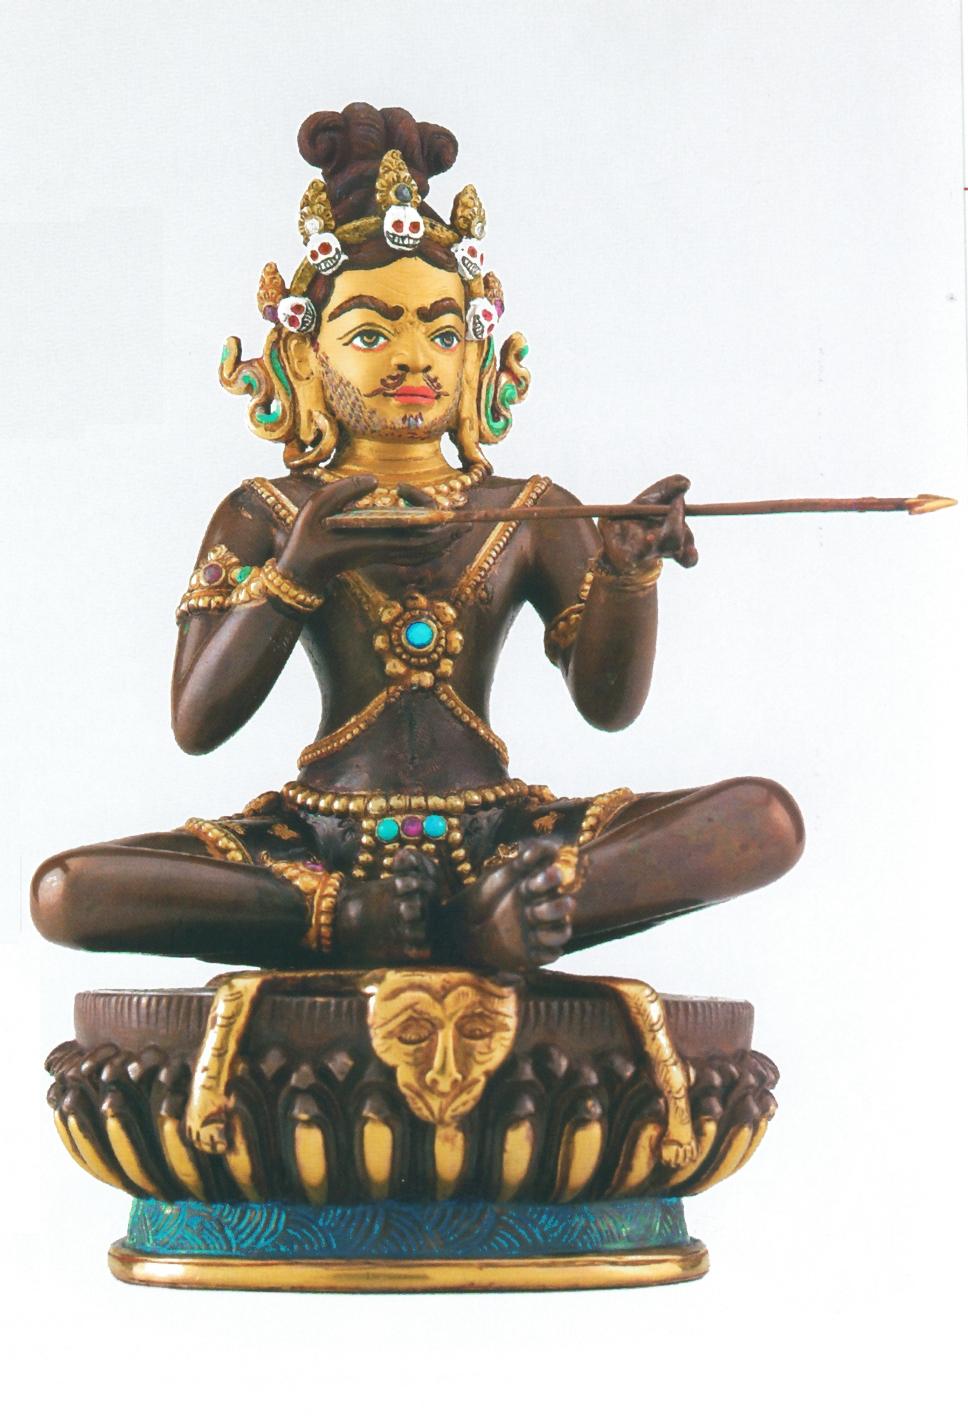 Dadar (ritual tool) - Wikipedia